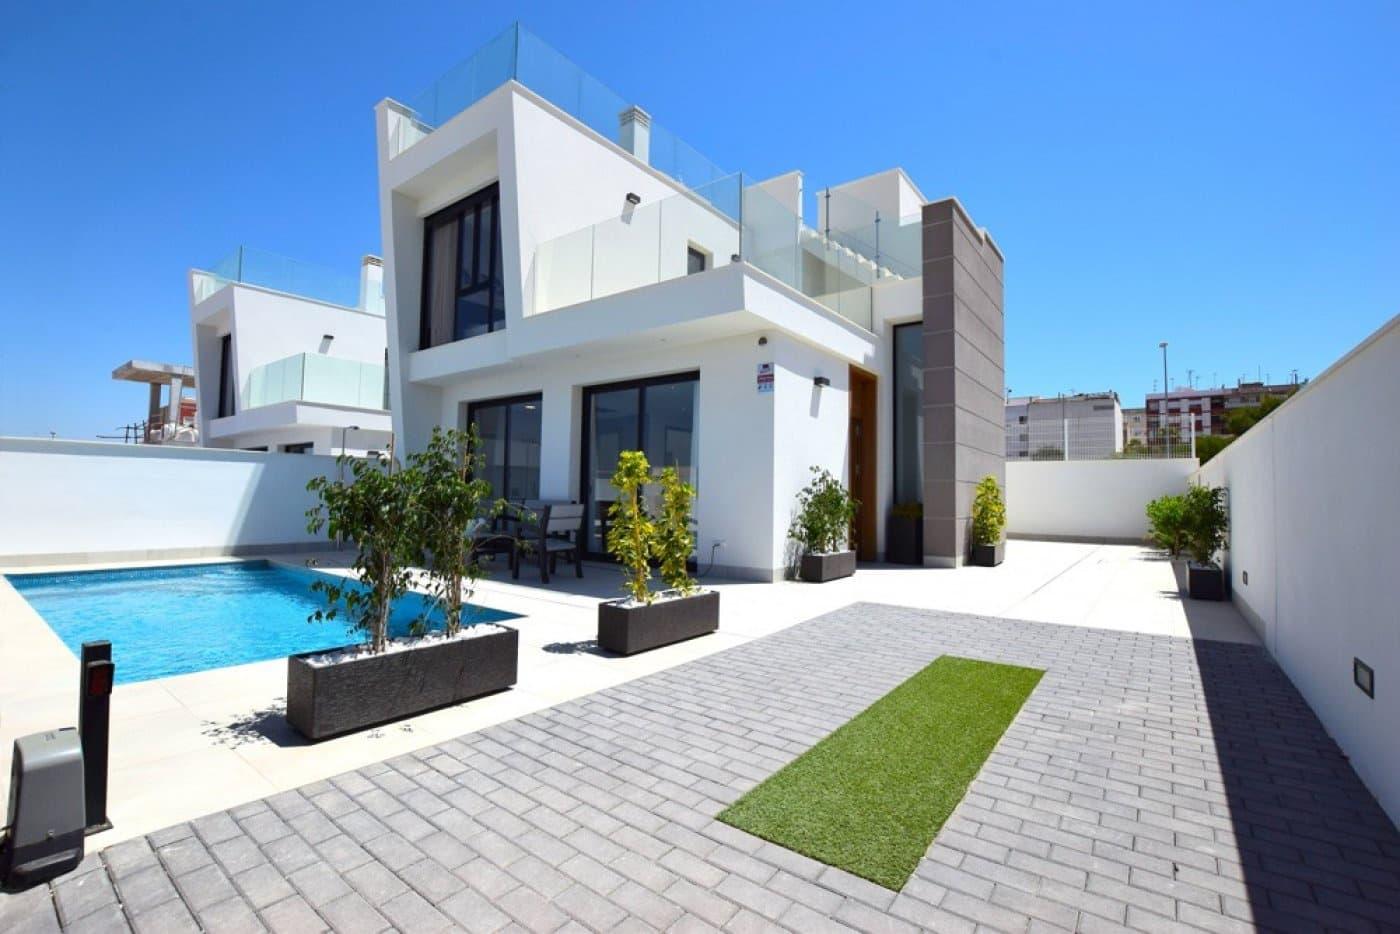 Chalet de 3 habitaciones en Benijófar en venta con piscina - 278.950 € (Ref: 3960558)